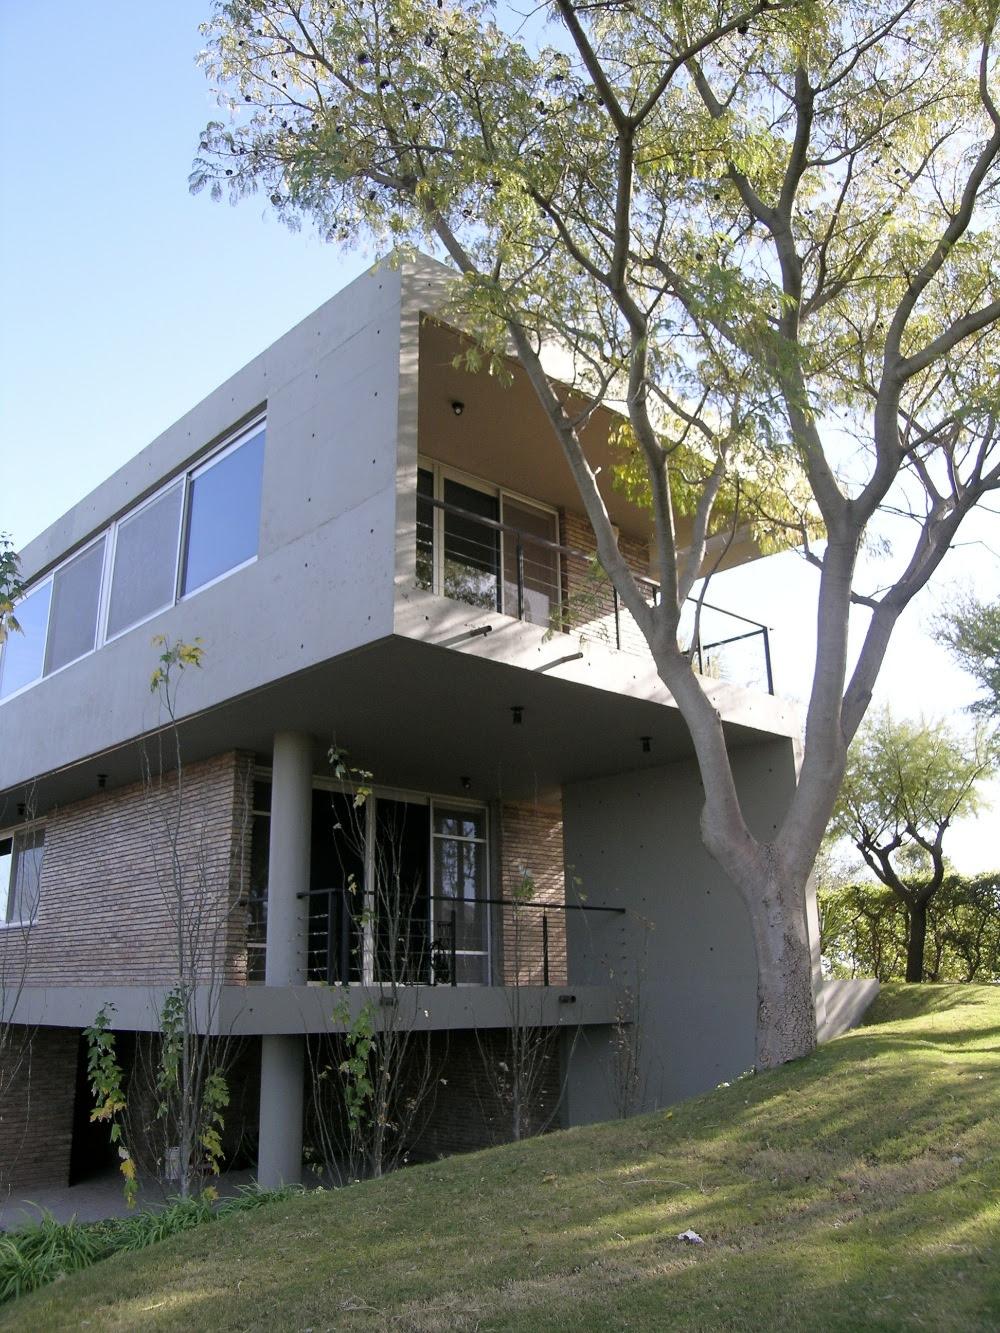 Casa en las Colinas - Cabrera Trlin Arquitectos, Arquitectura, Casas, Interiores